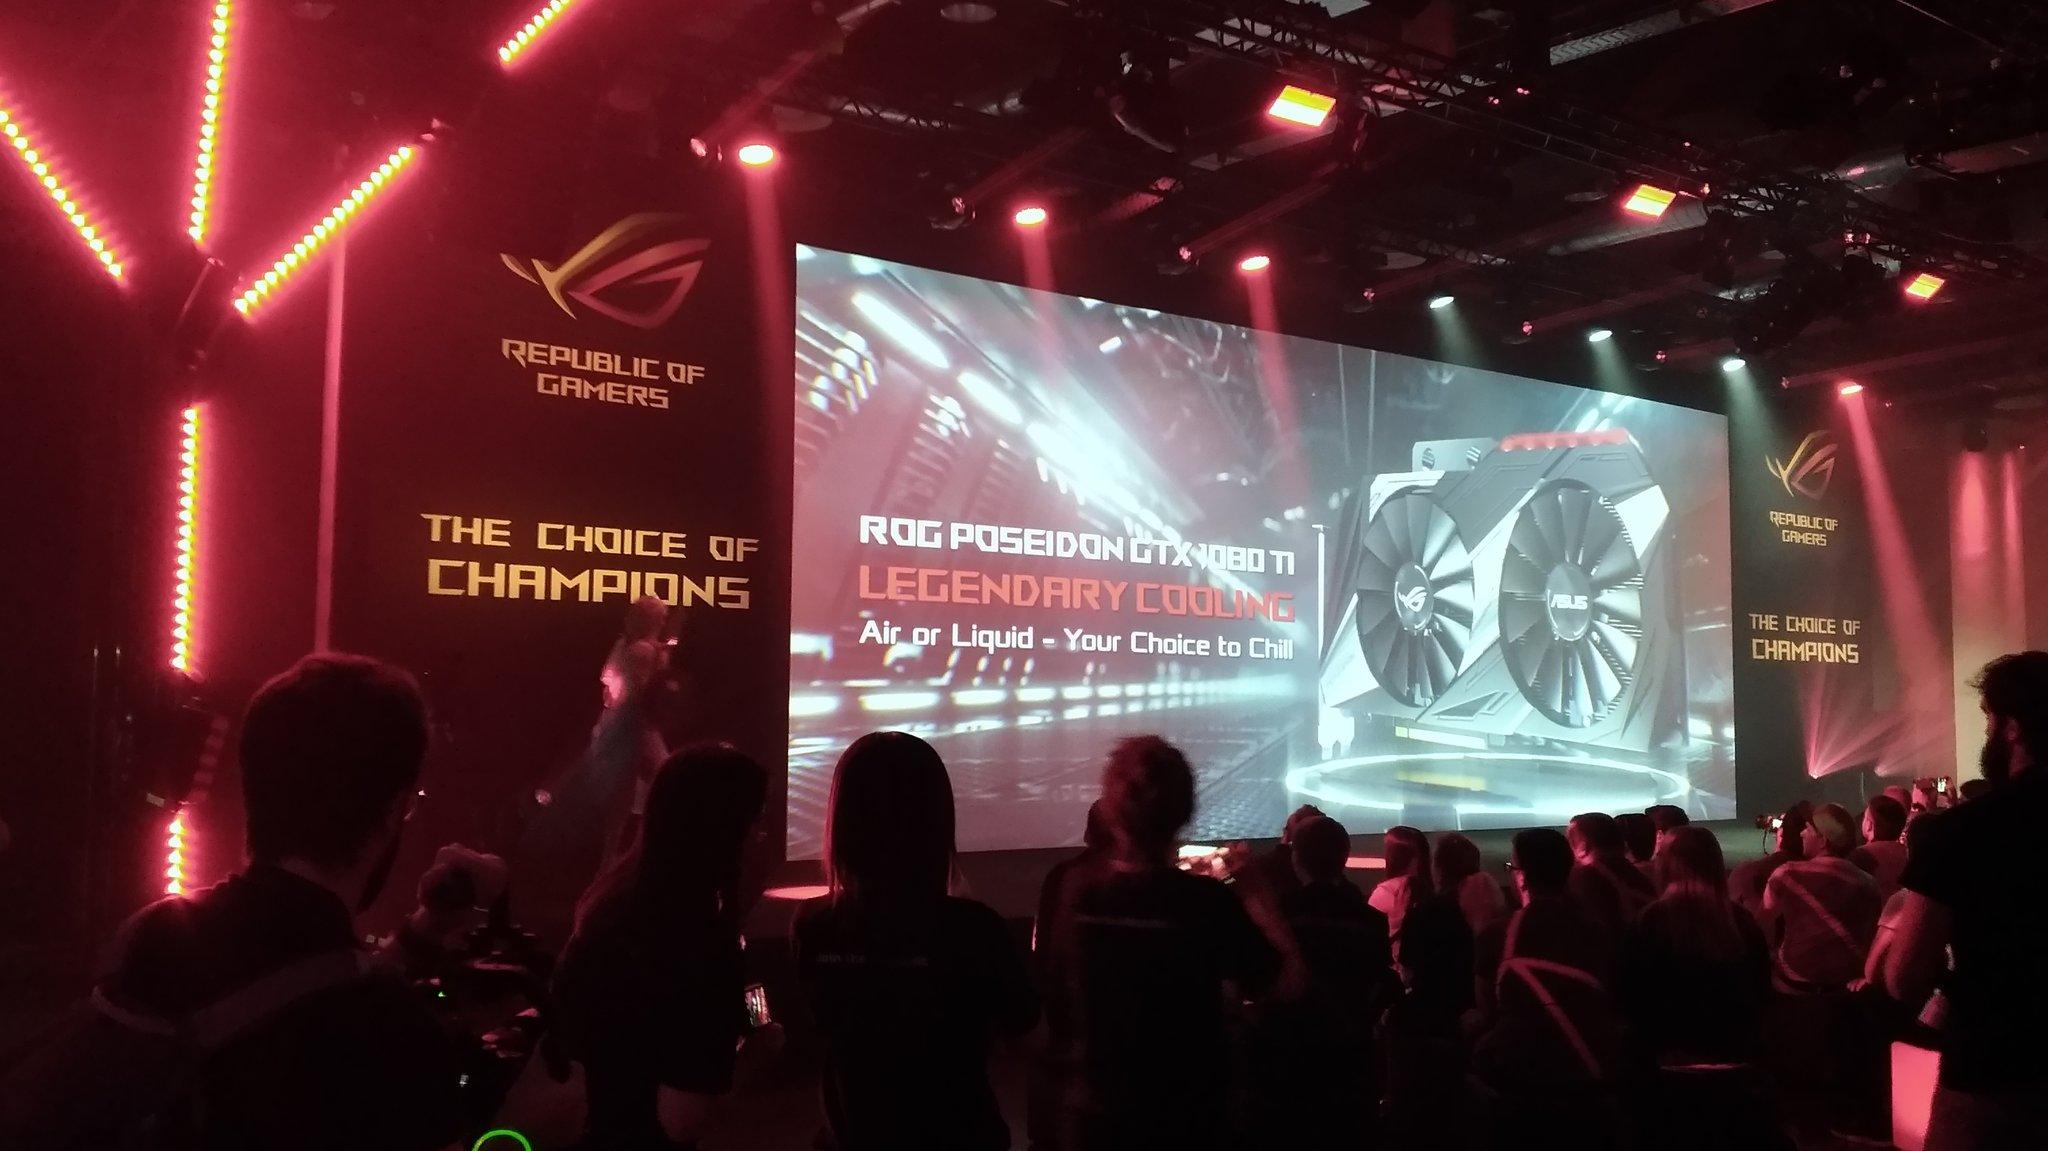 ASUS dévoile sa GeForce GTX 1080 Ti ROG Poseidon